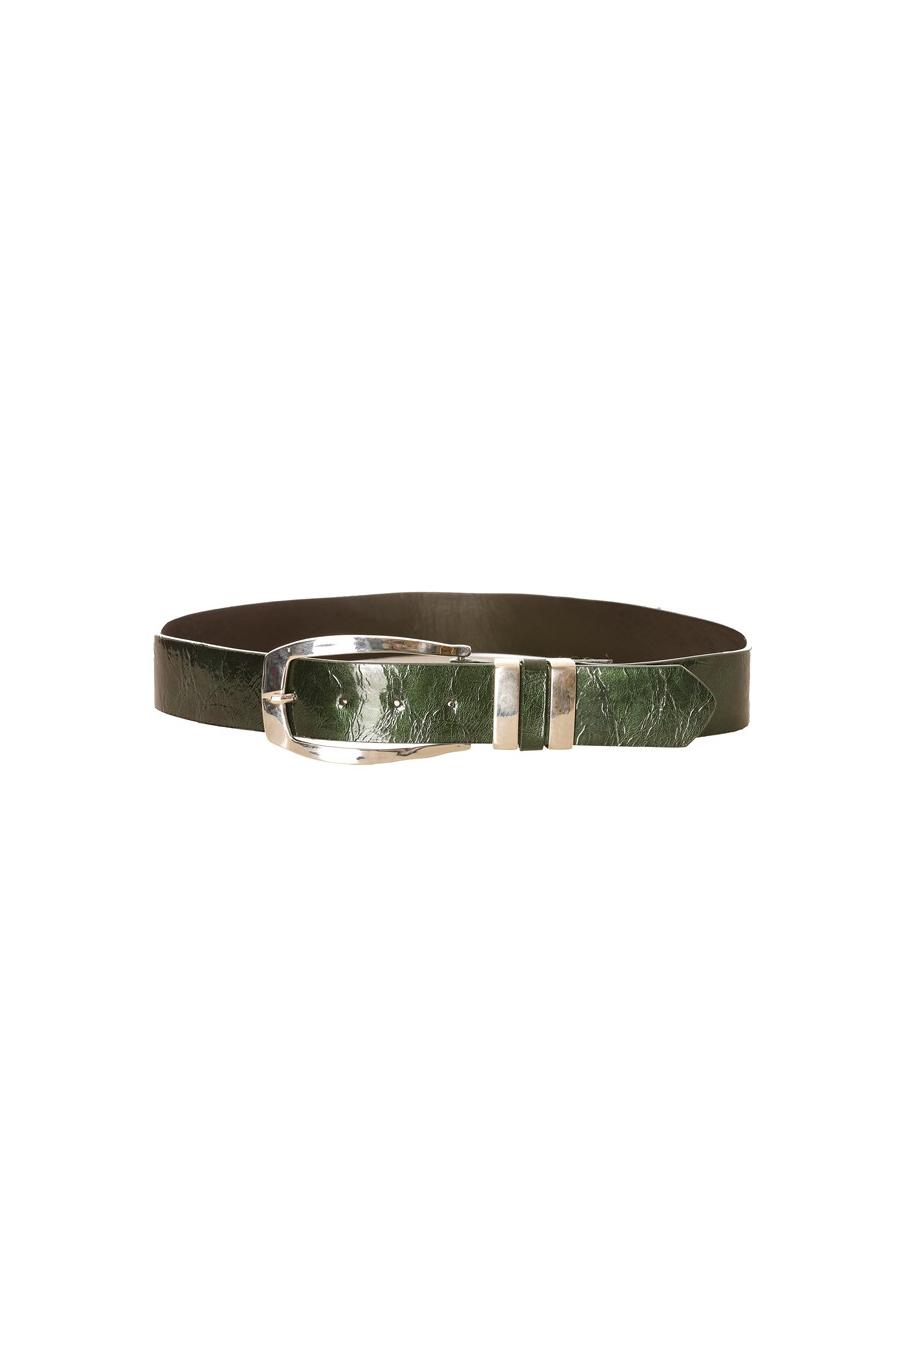 shiny green belt. M17-009